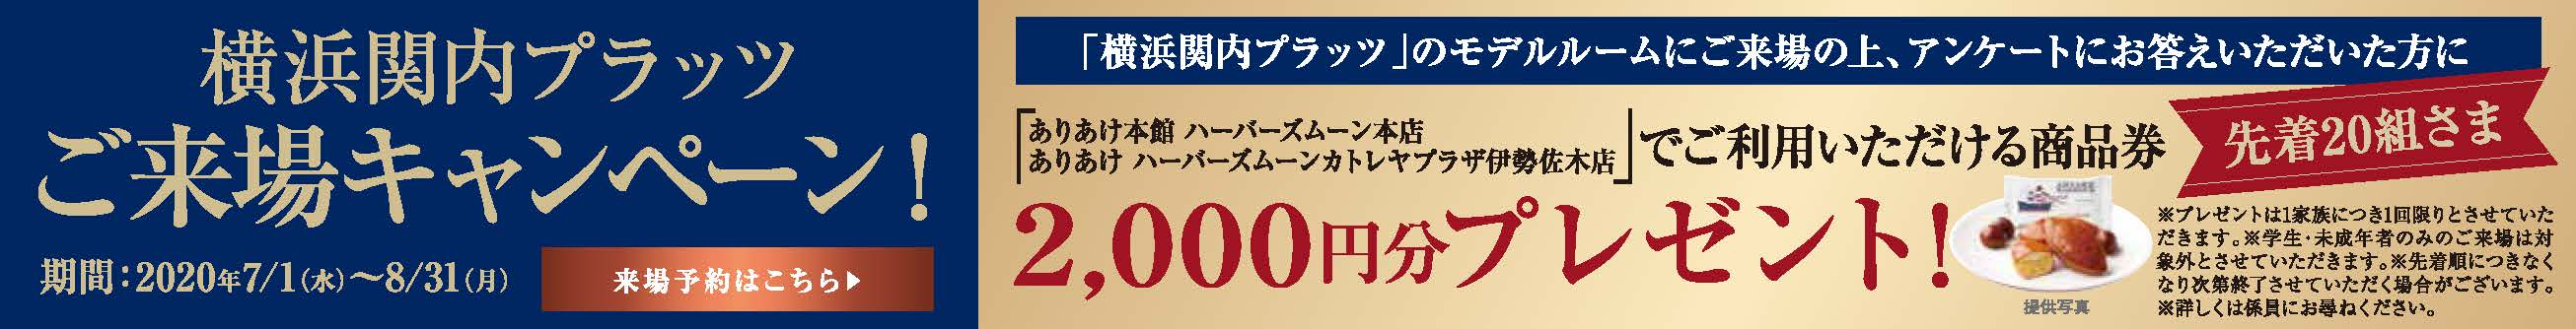 駅近2分のマンション「横浜関内プラッツ」第2期モデルルーム公開中<来場プレゼントあり>